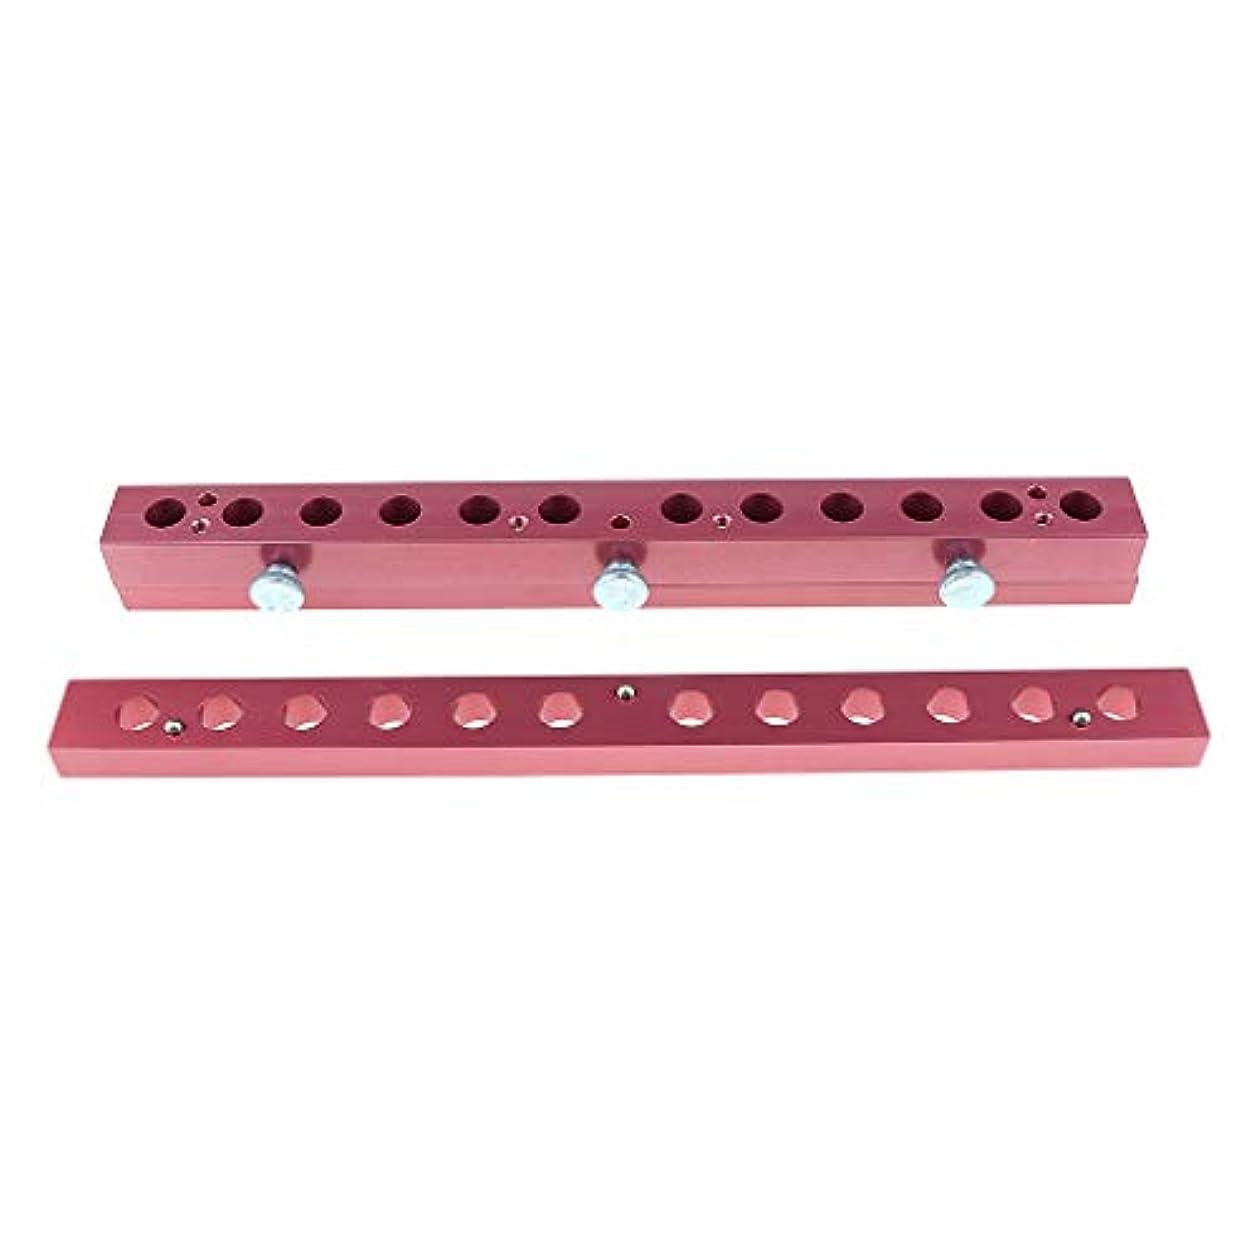 高めるダーツ批評12のキャビティ穴の口紅型アルミニウム12.1mmの管DIYの唇型の詰物 - 2way